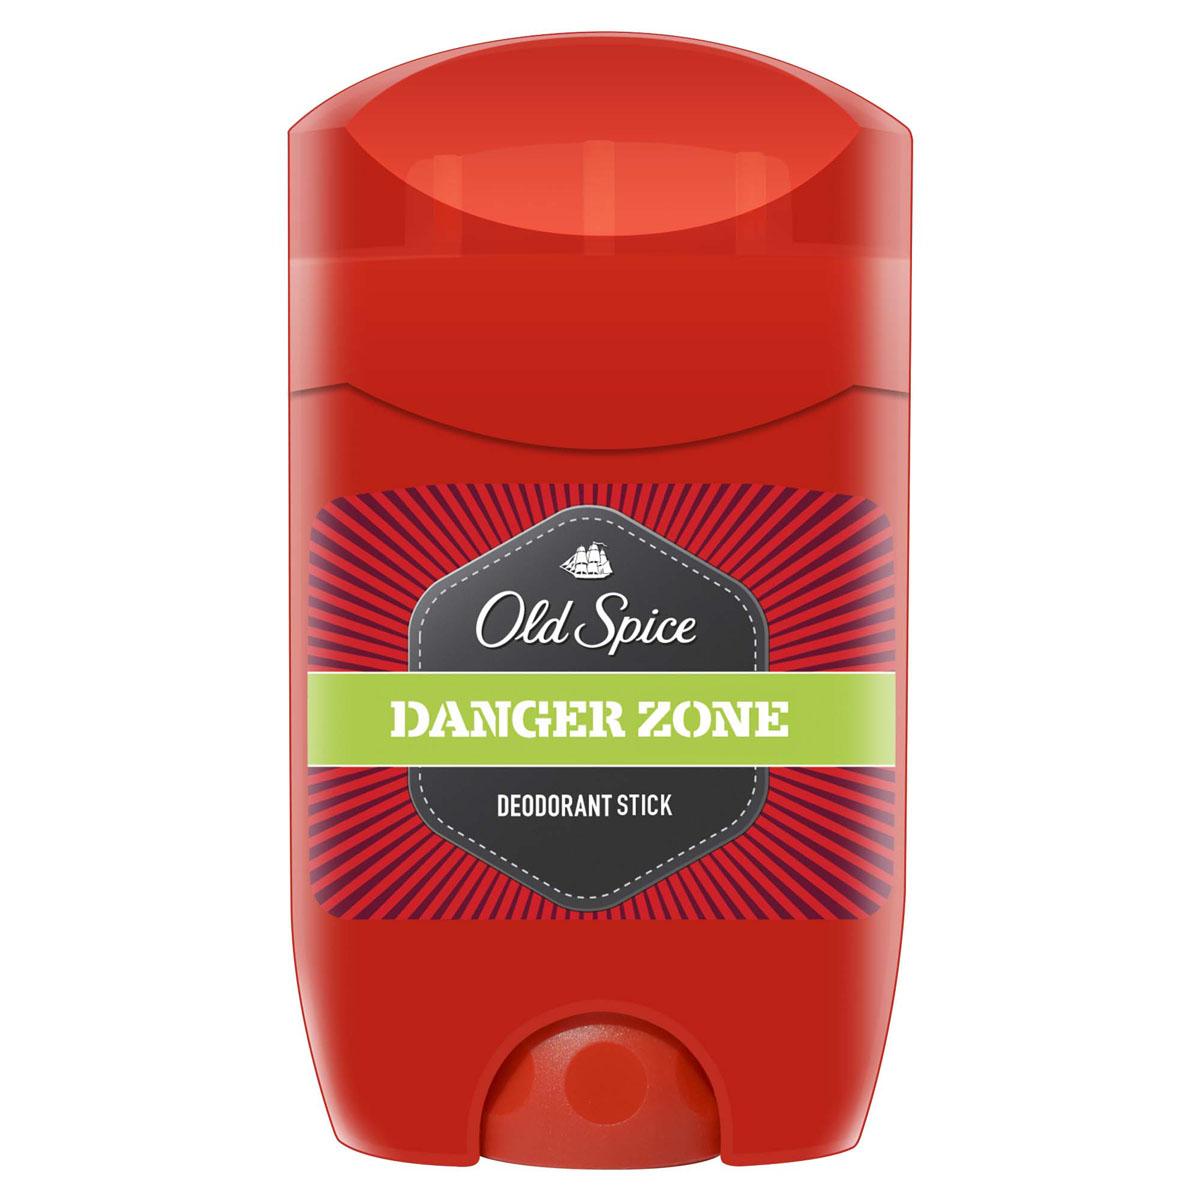 Old Spice Дезодорант-стик Danger Zone, 50 млOS-81321212Дезодорант Old Spice Danger Zone с дурманящим запахом заставит вас чувствовать себя смелее Робин Гуда на соревнованиях по стрельбе из лука. Великолепный аромат и надежная защита.